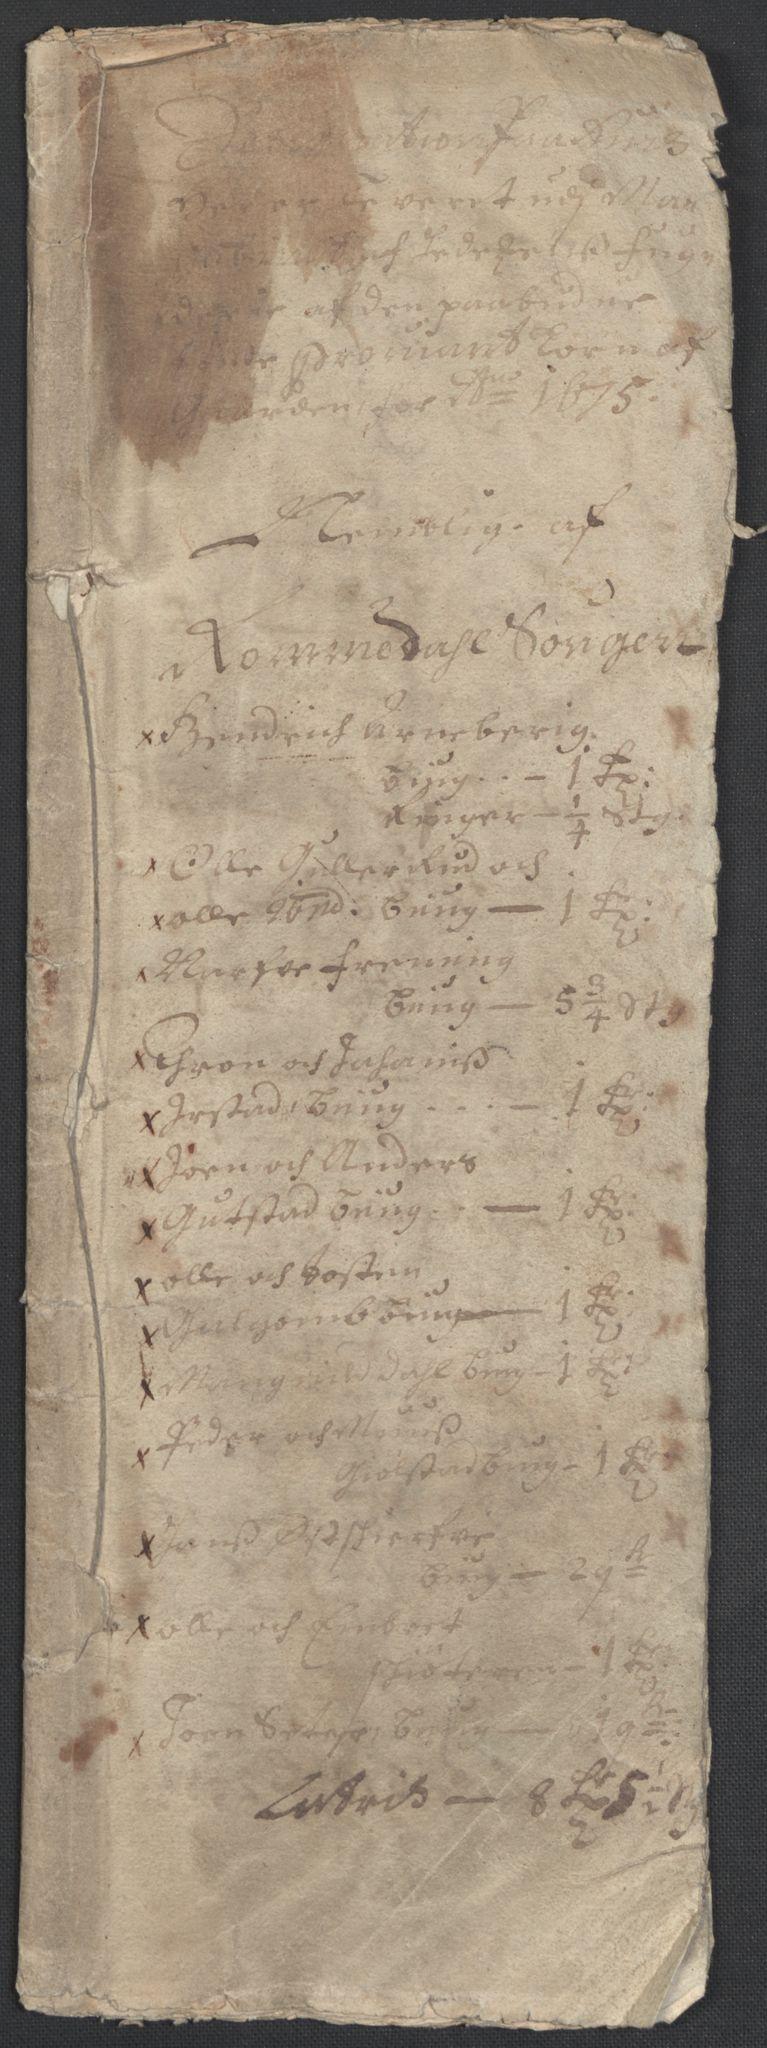 RA, Rentekammeret inntil 1814, Reviderte regnskaper, Fogderegnskap, R16/L1019: Fogderegnskap Hedmark, 1679, s. 246